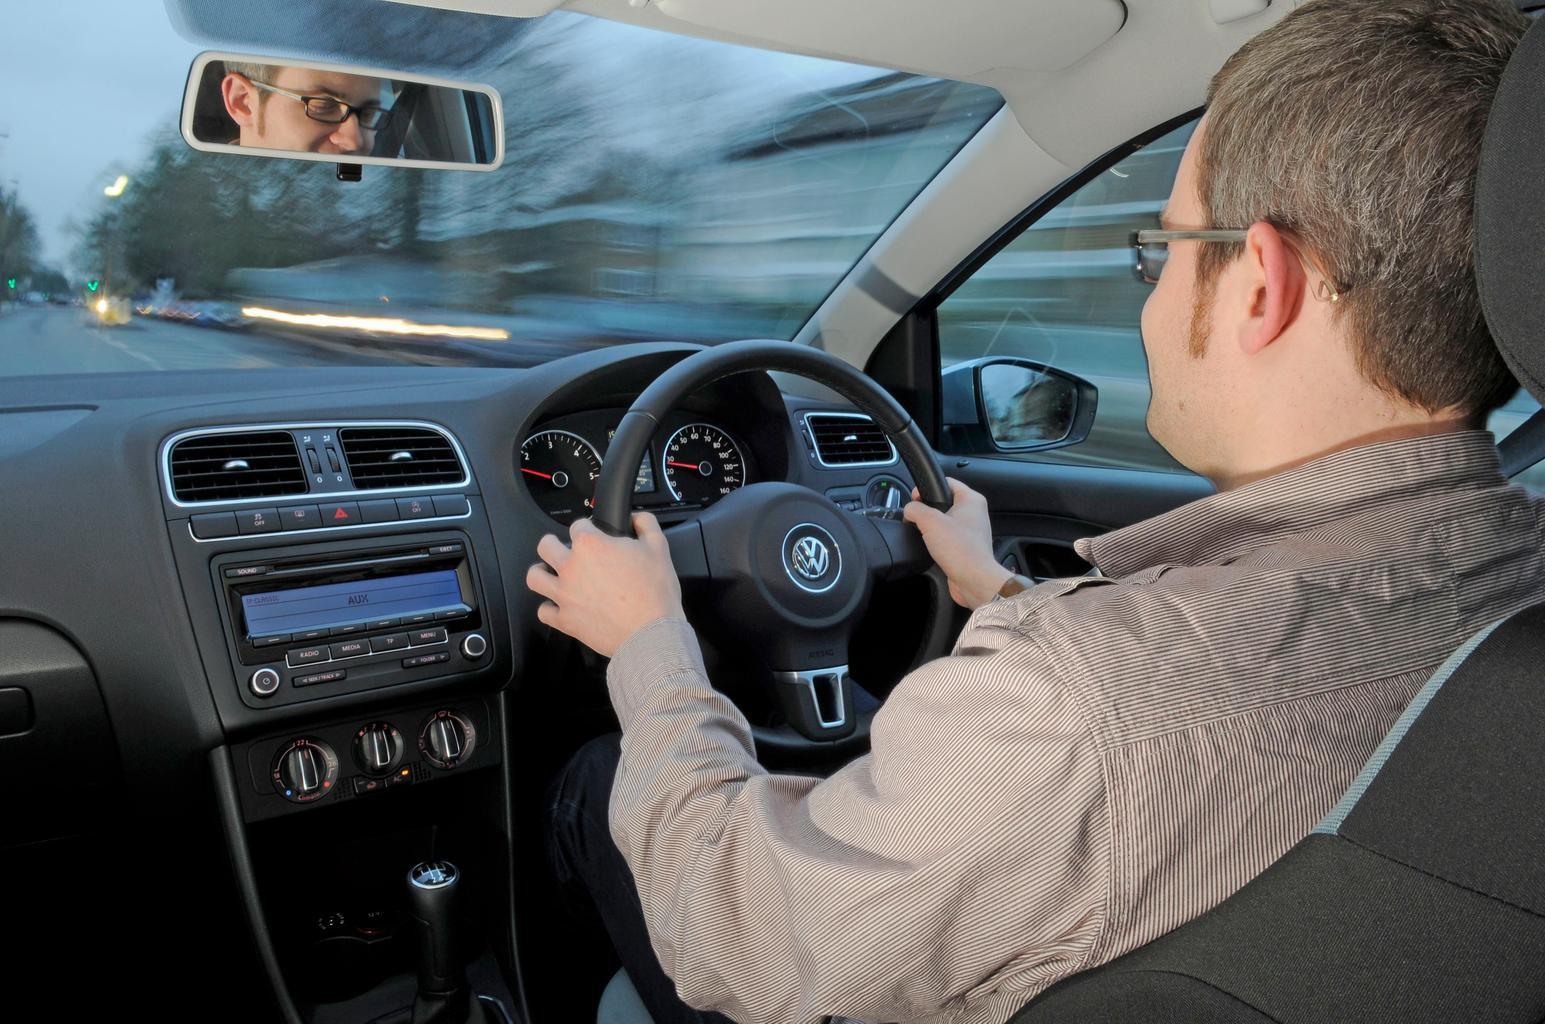 Used test – smart small cars: Fiat 500 vs Honda Jazz vs Mini One vs Volkswagen Polo